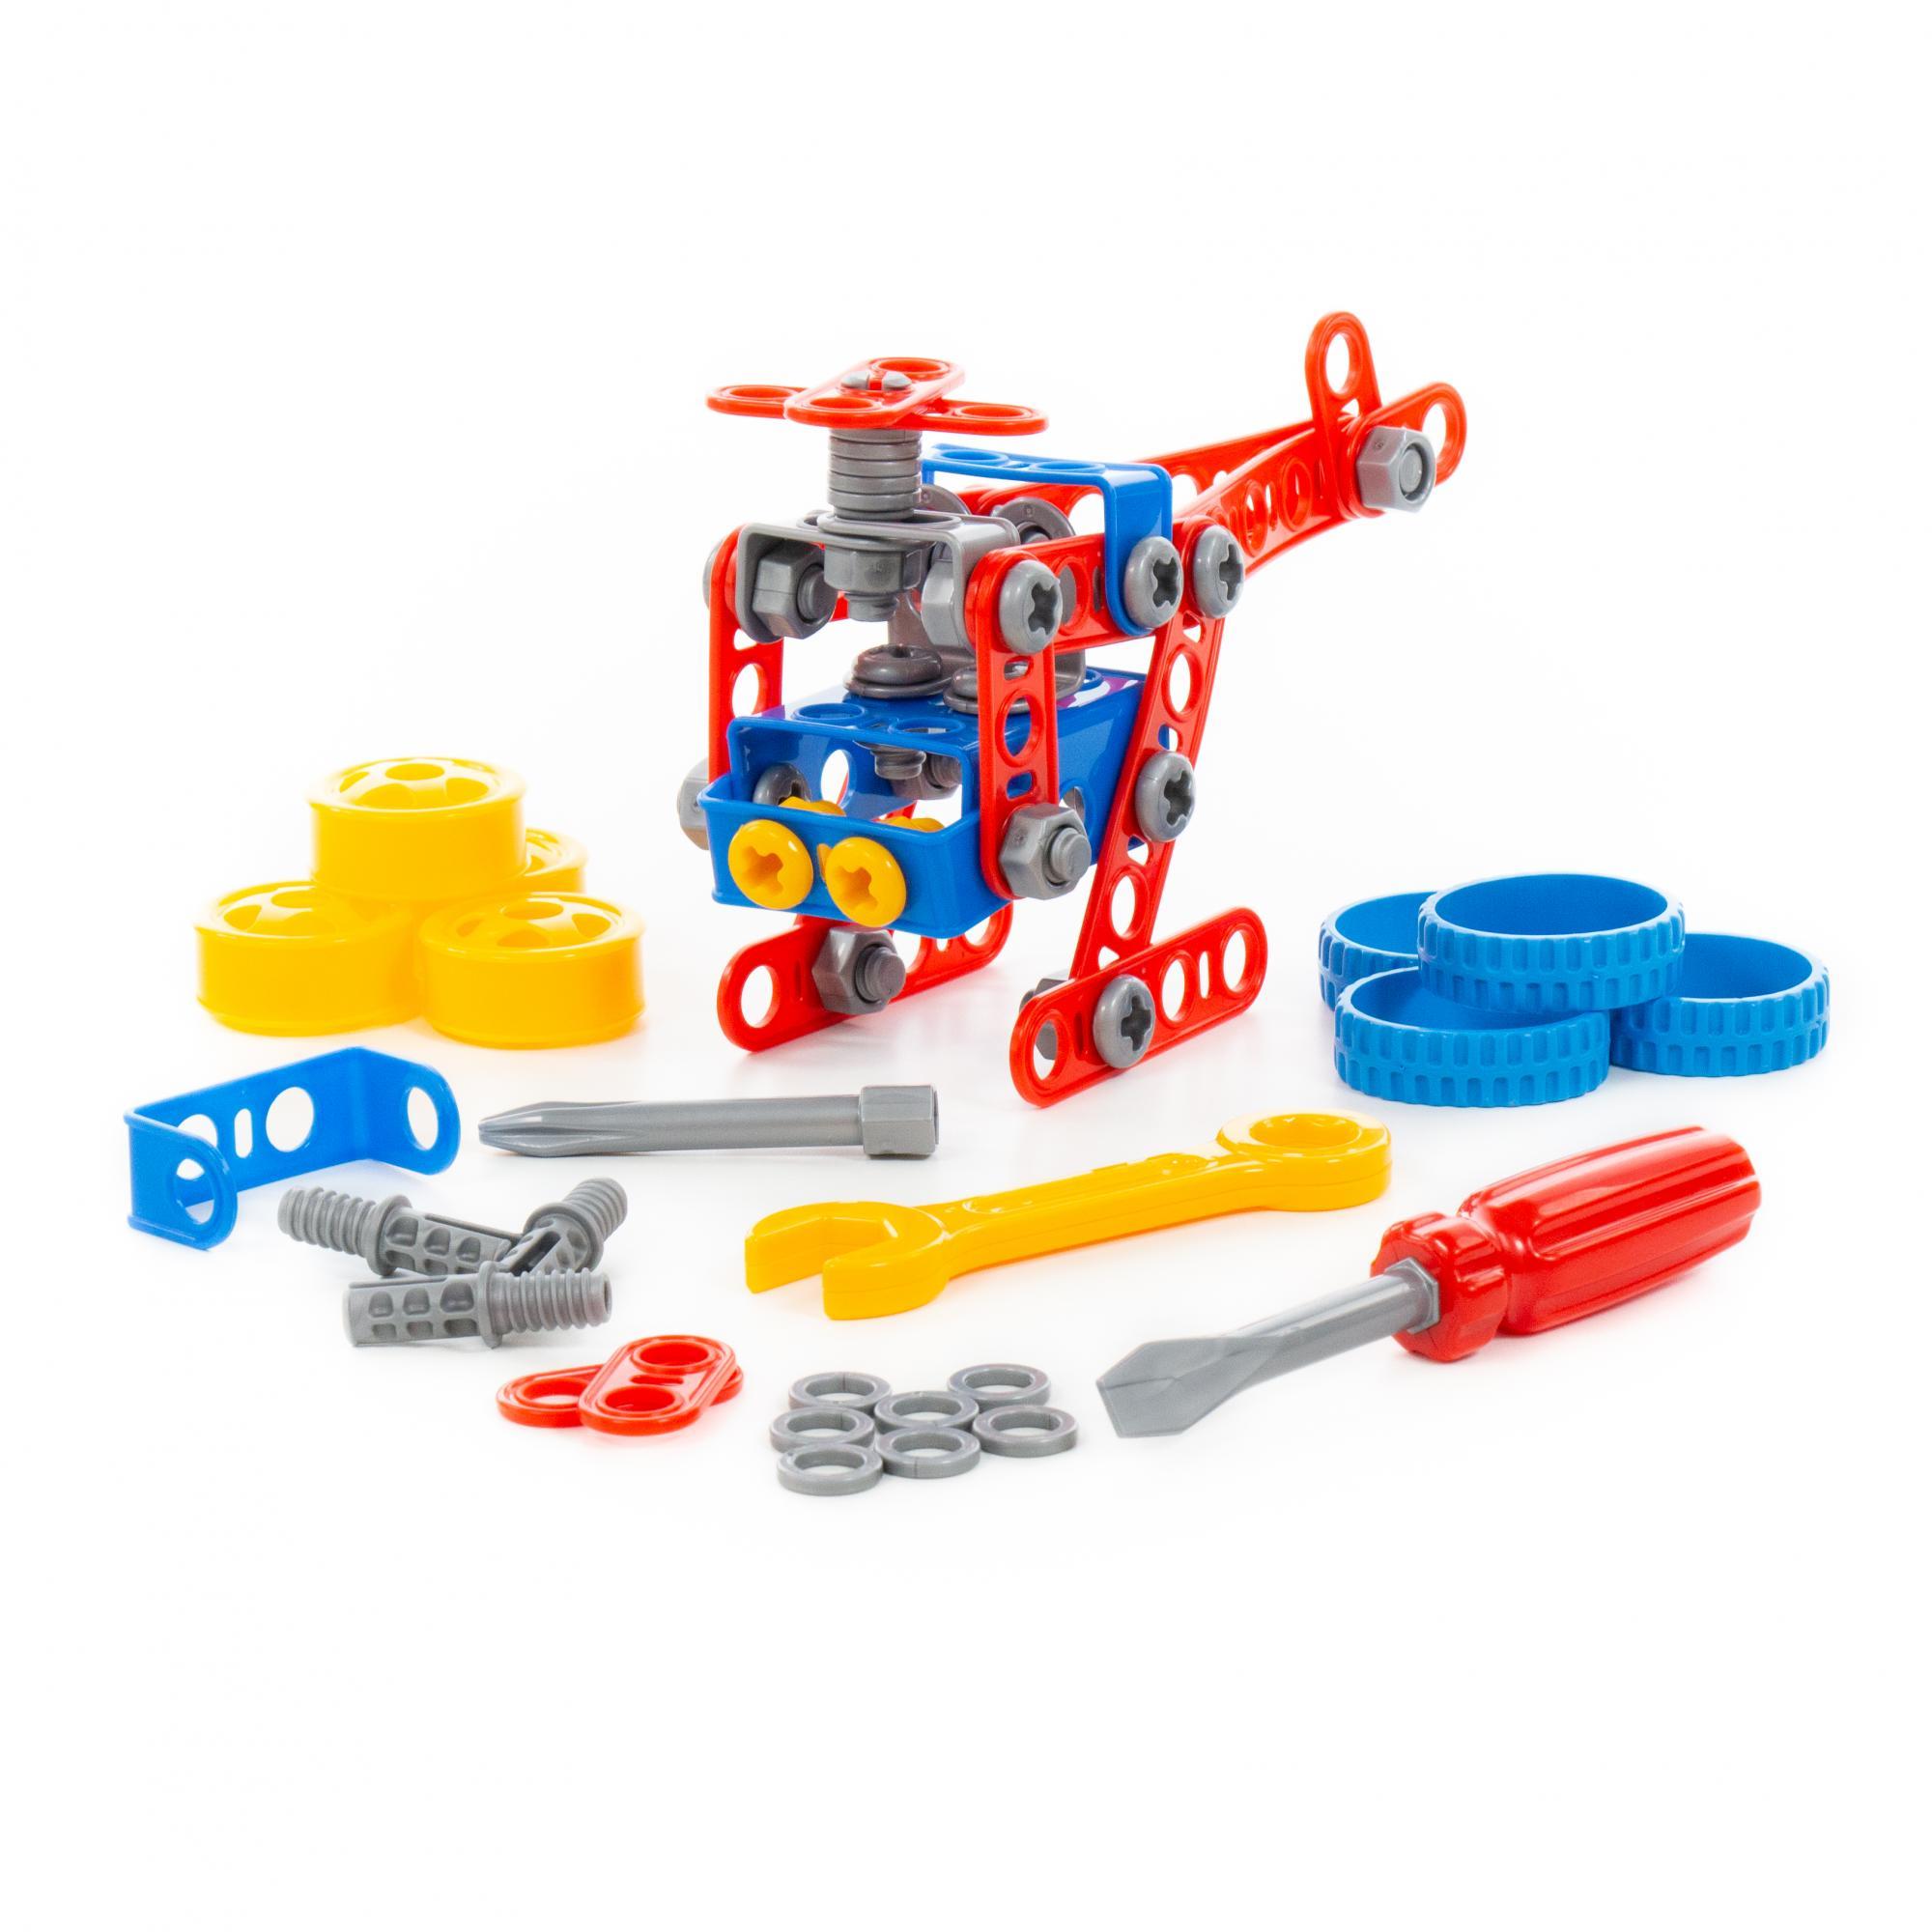 Купить Конструктор - Изобретатель, 91 элемент, в коробке, Полесье